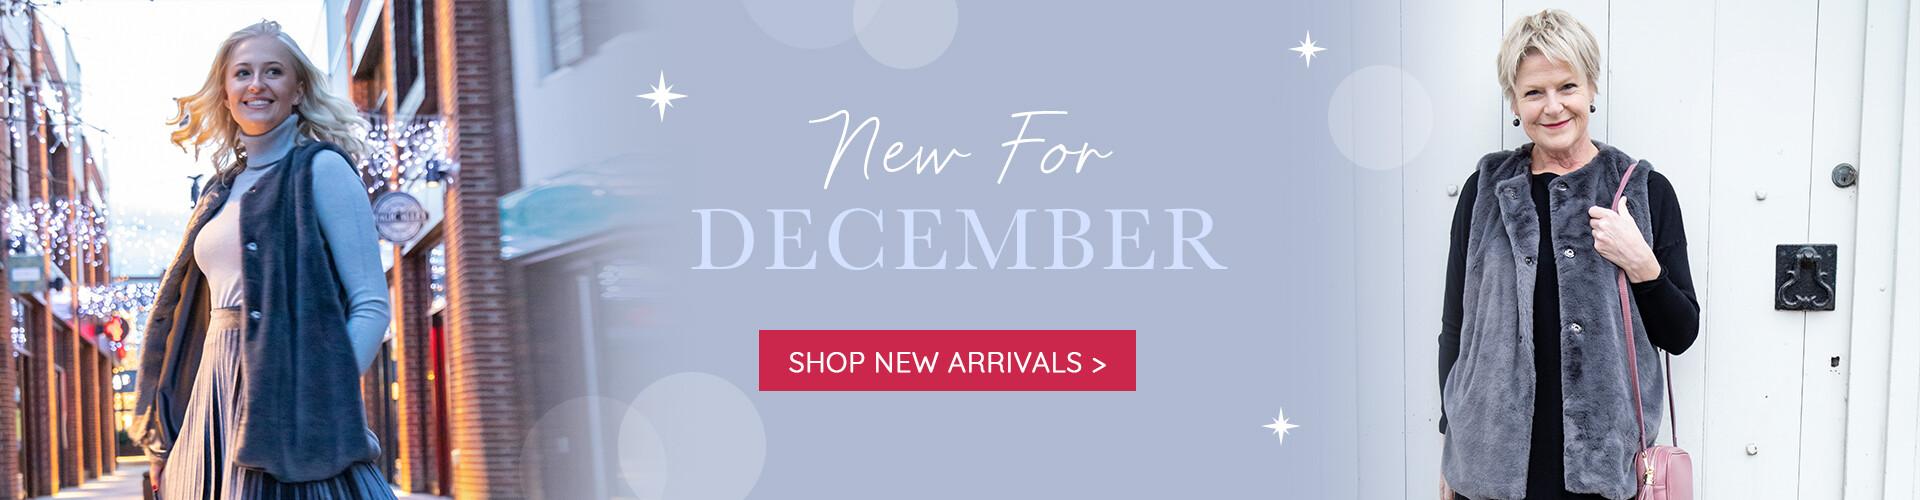 01-12 New For December